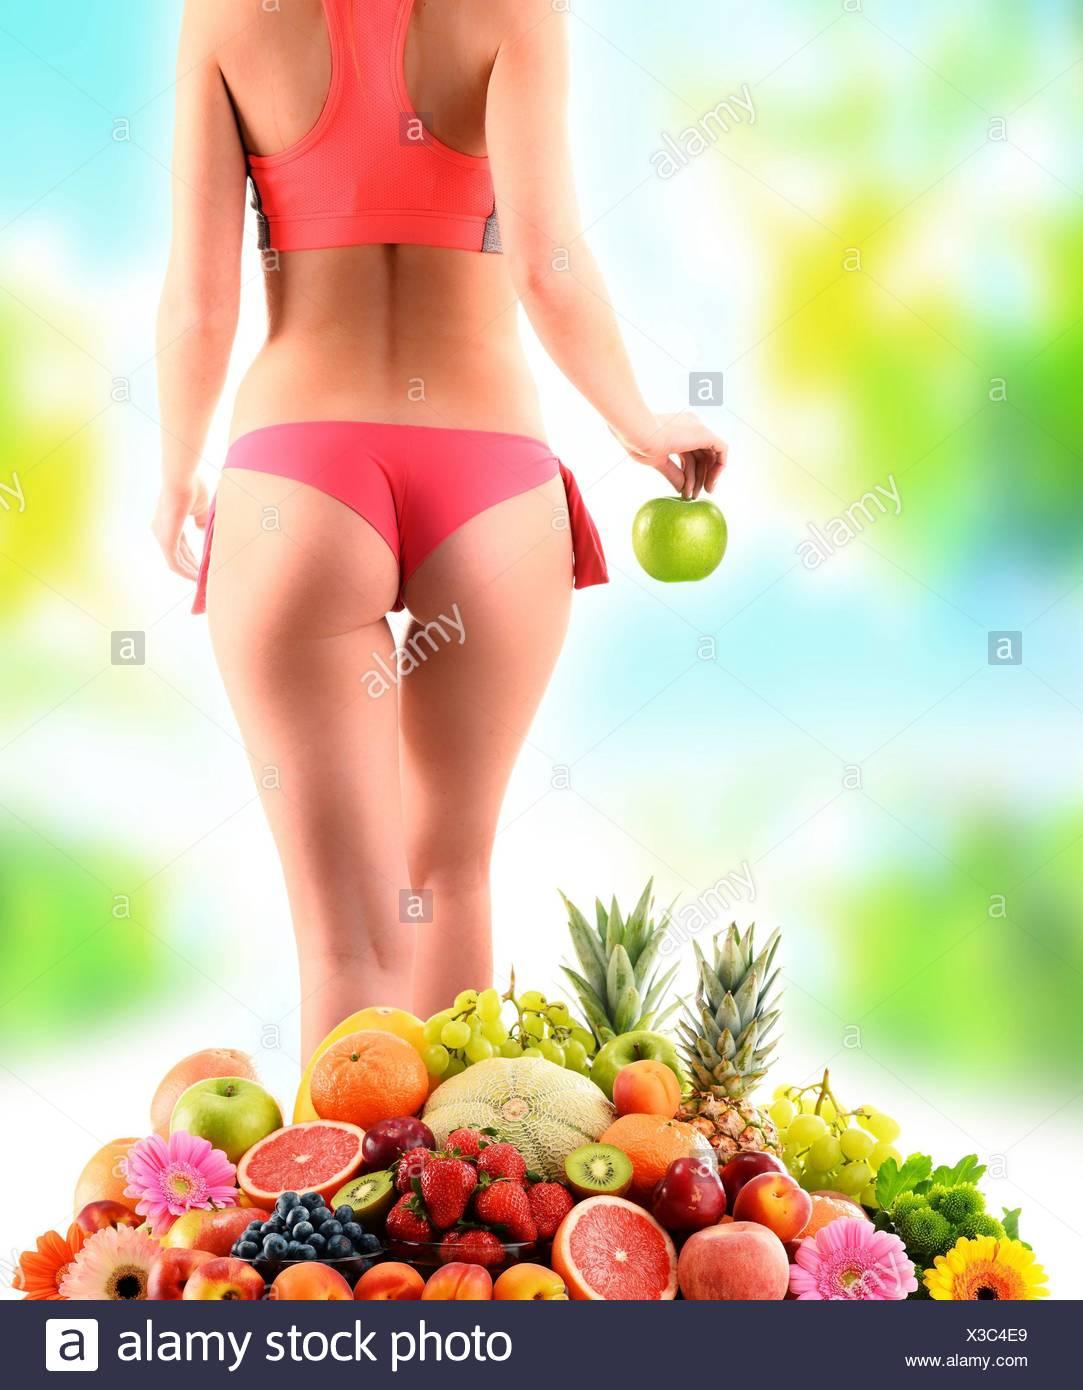 Gewicht-Verlust. Schlanke Frau hält einen Apfel und Zusammensetzung mit frischem Obst. Stockbild